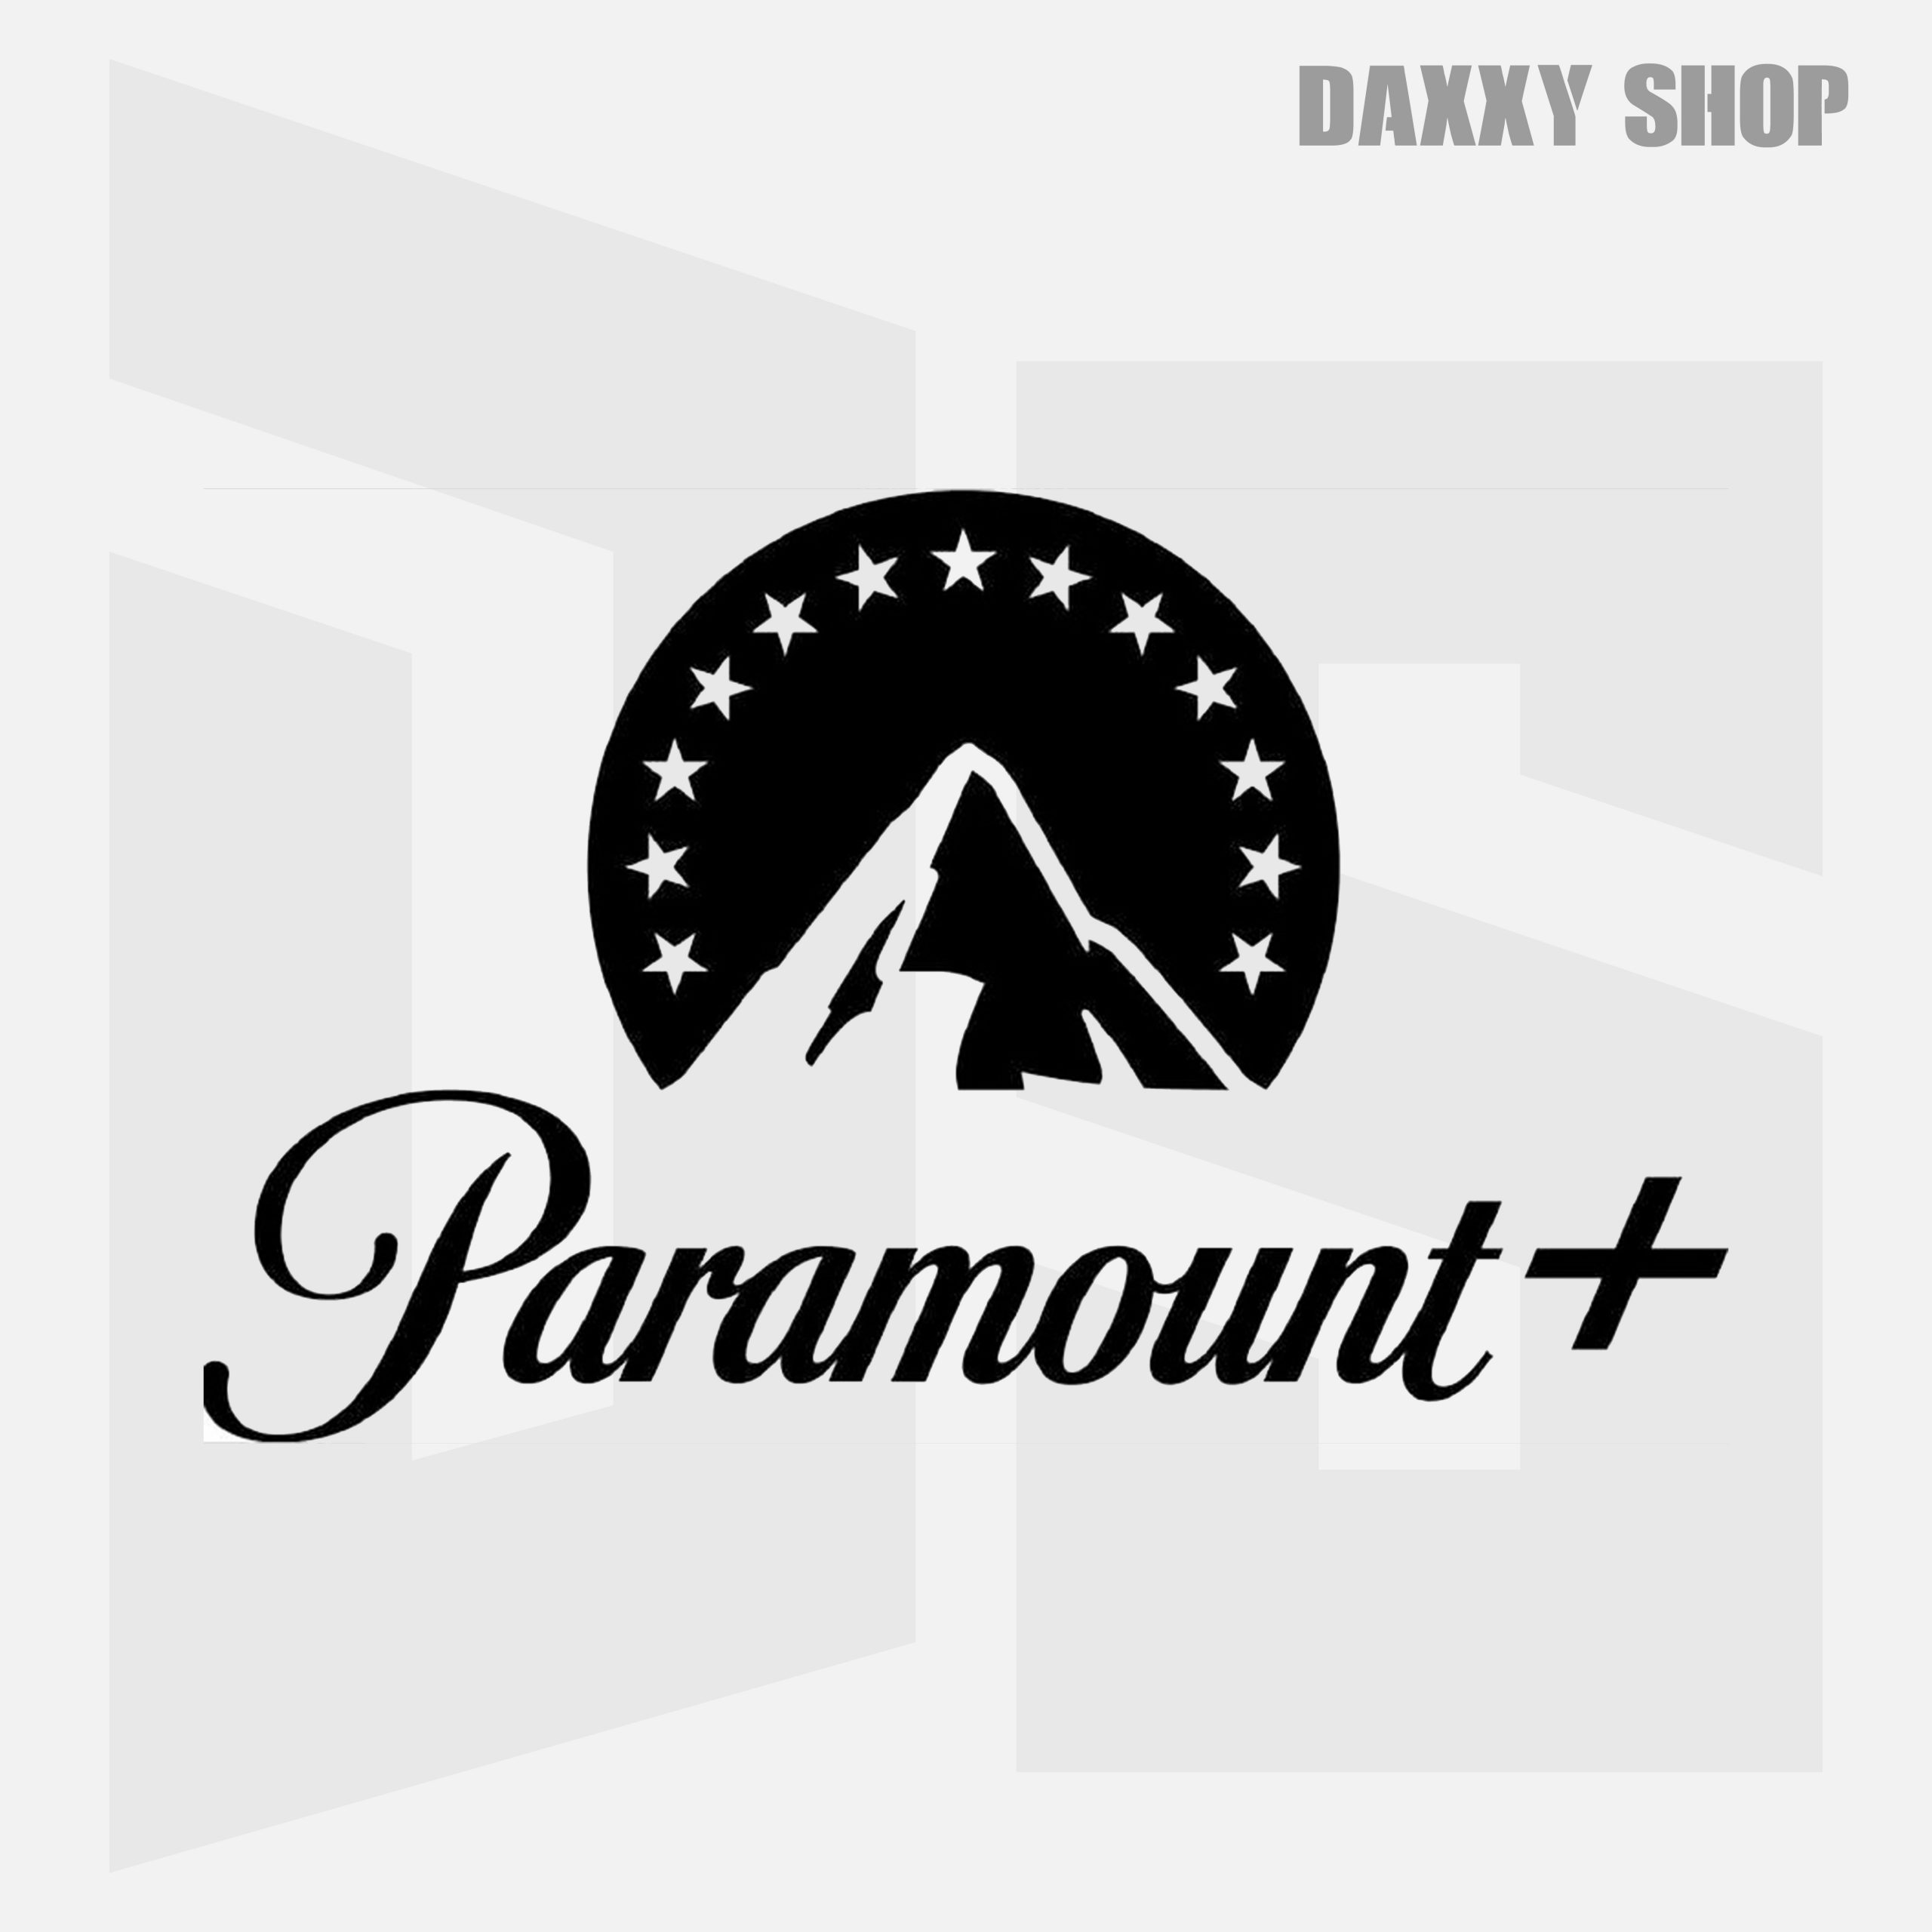 Paramount Daxxy Shop